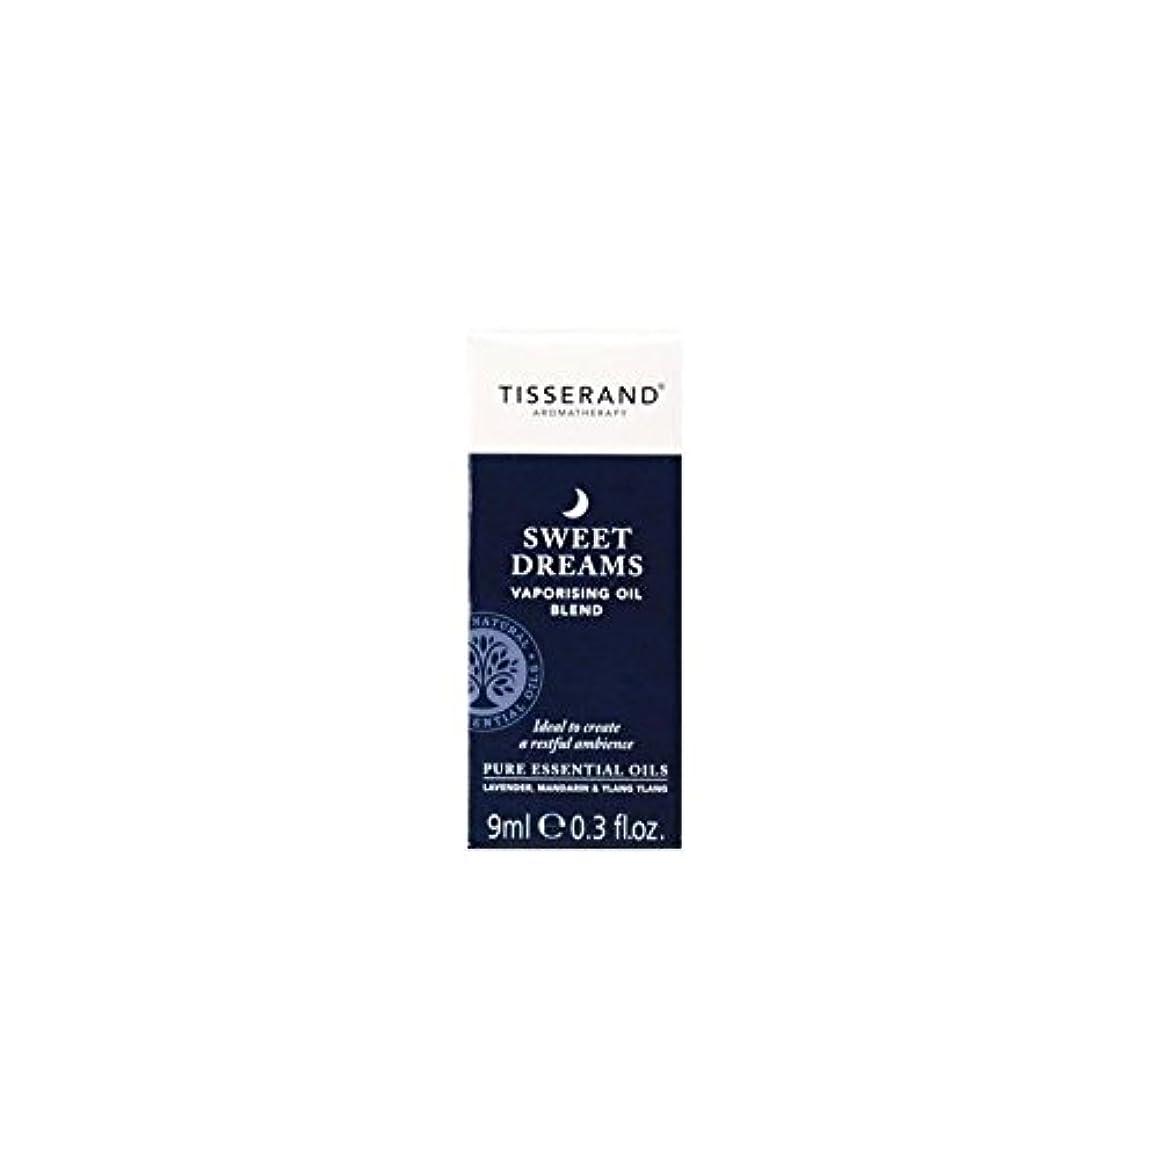 膨らみ好色なマイクロプロセッサオイル9ミリリットルを気化甘い夢 (Tisserand) - Tisserand Sweet Dreams Vaporising Oil 9ml [並行輸入品]